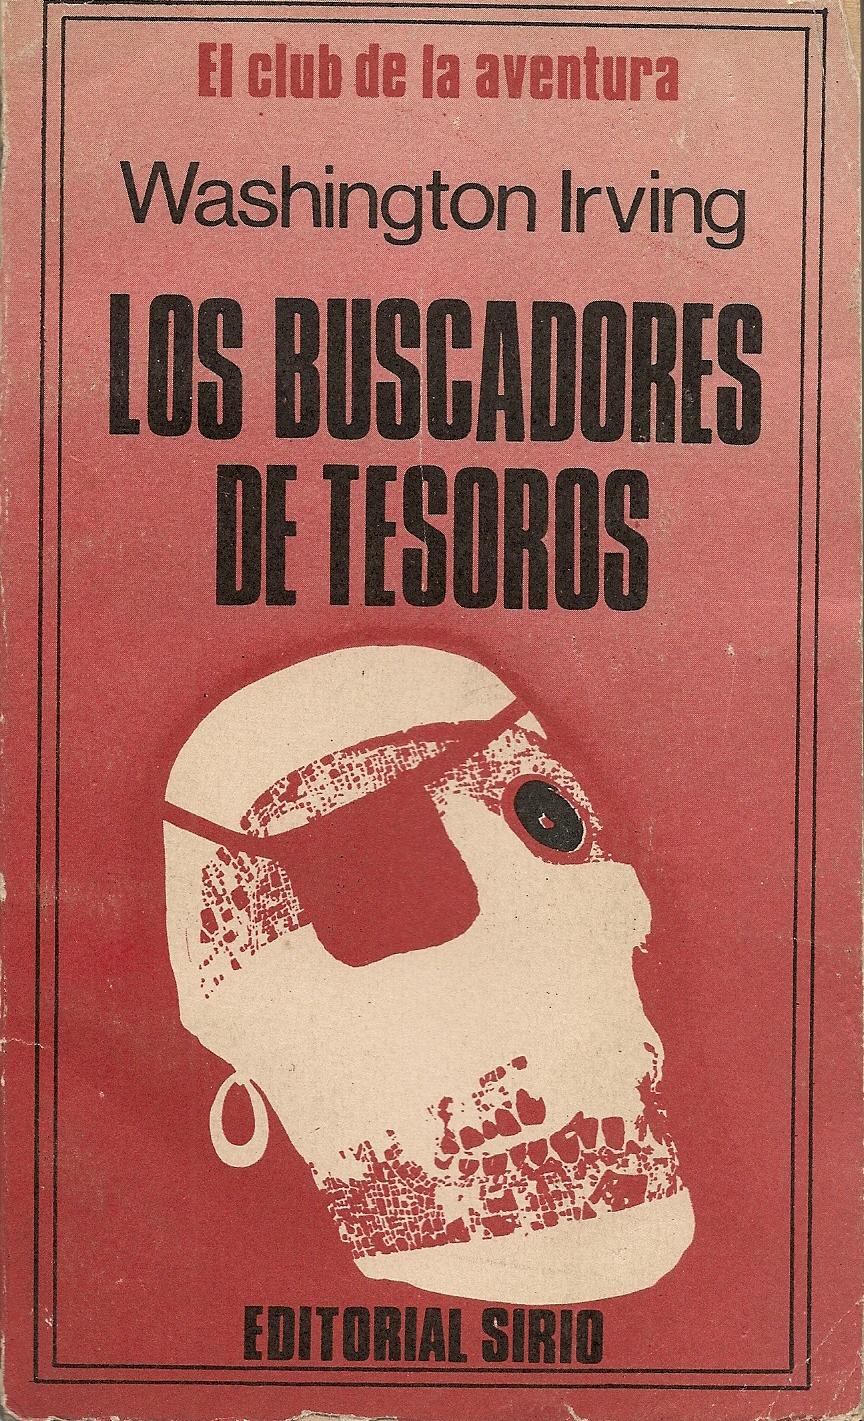 Biblioteca de Tesoros - Página 4 Oawv9i